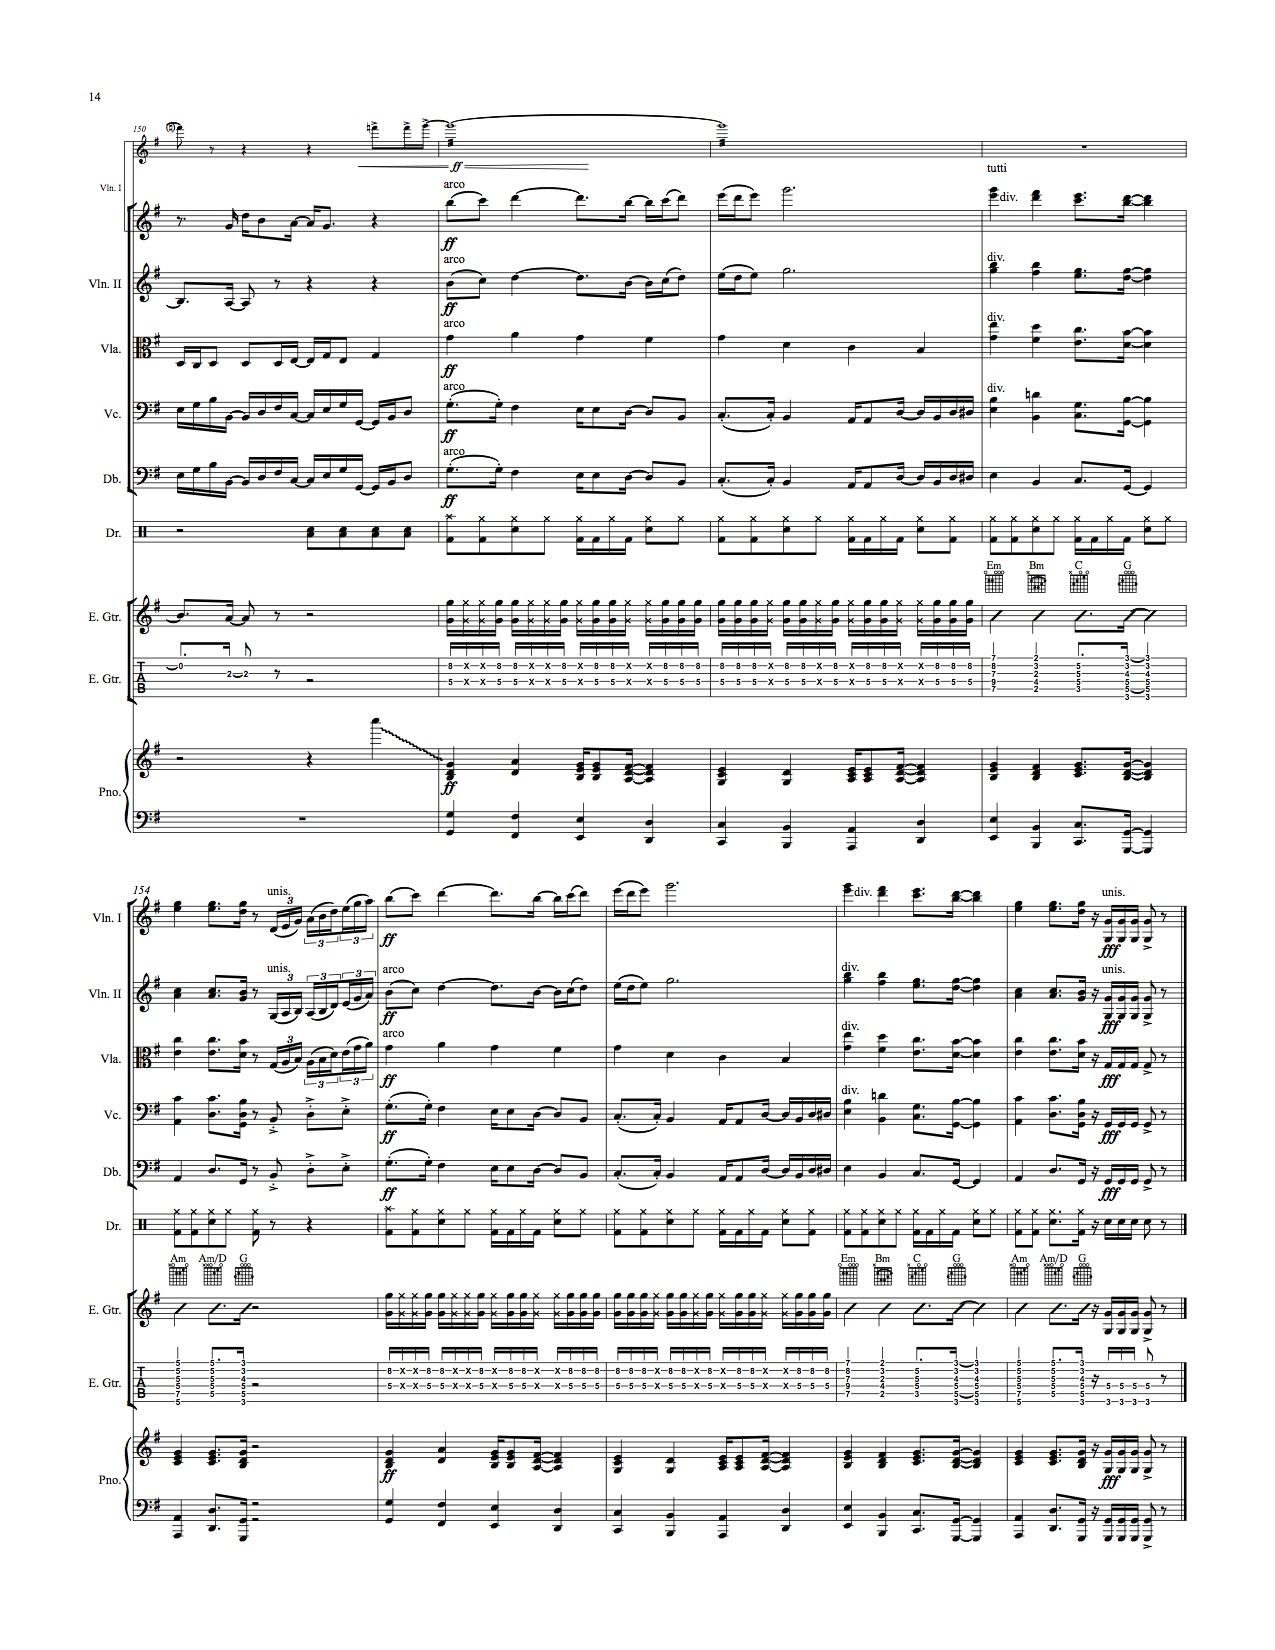 Jackson 5 Medley Score for website 14.jpg